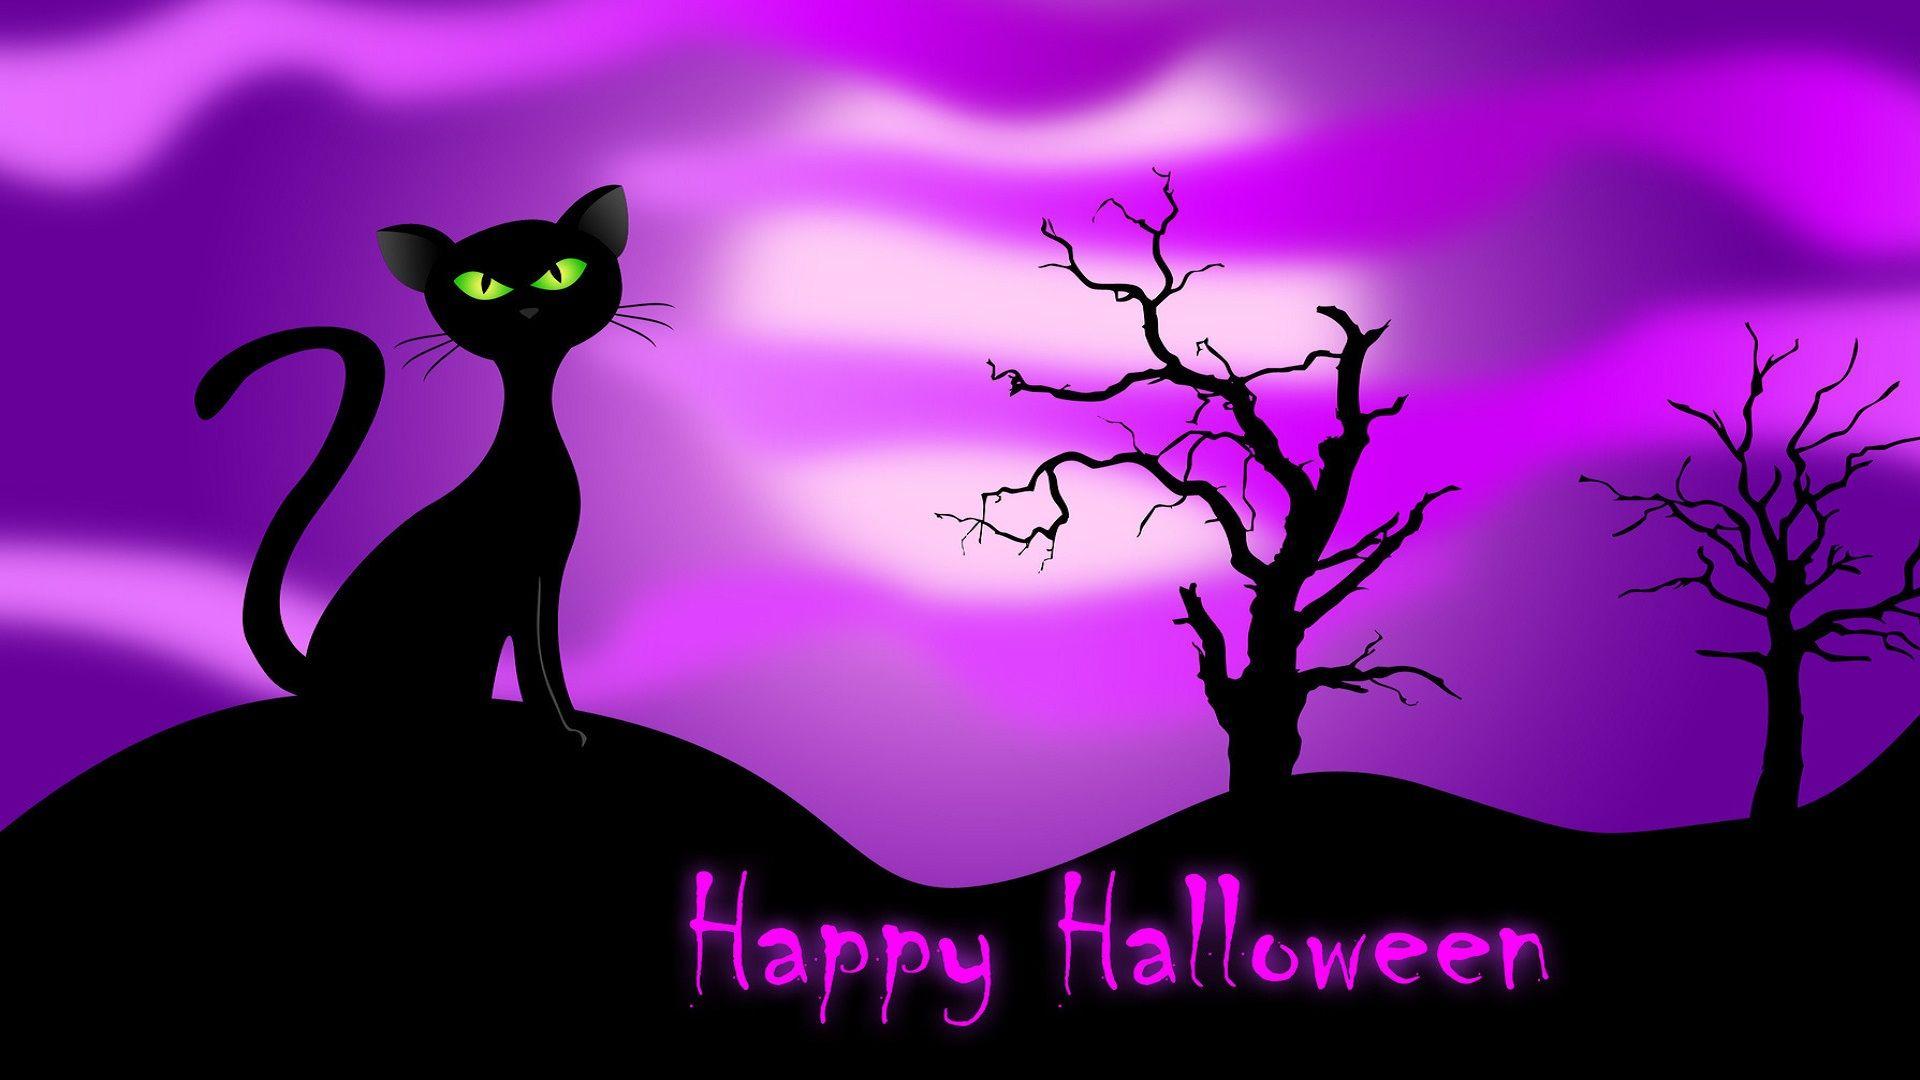 Halloween cats and kittens happyhalloweencathalloween